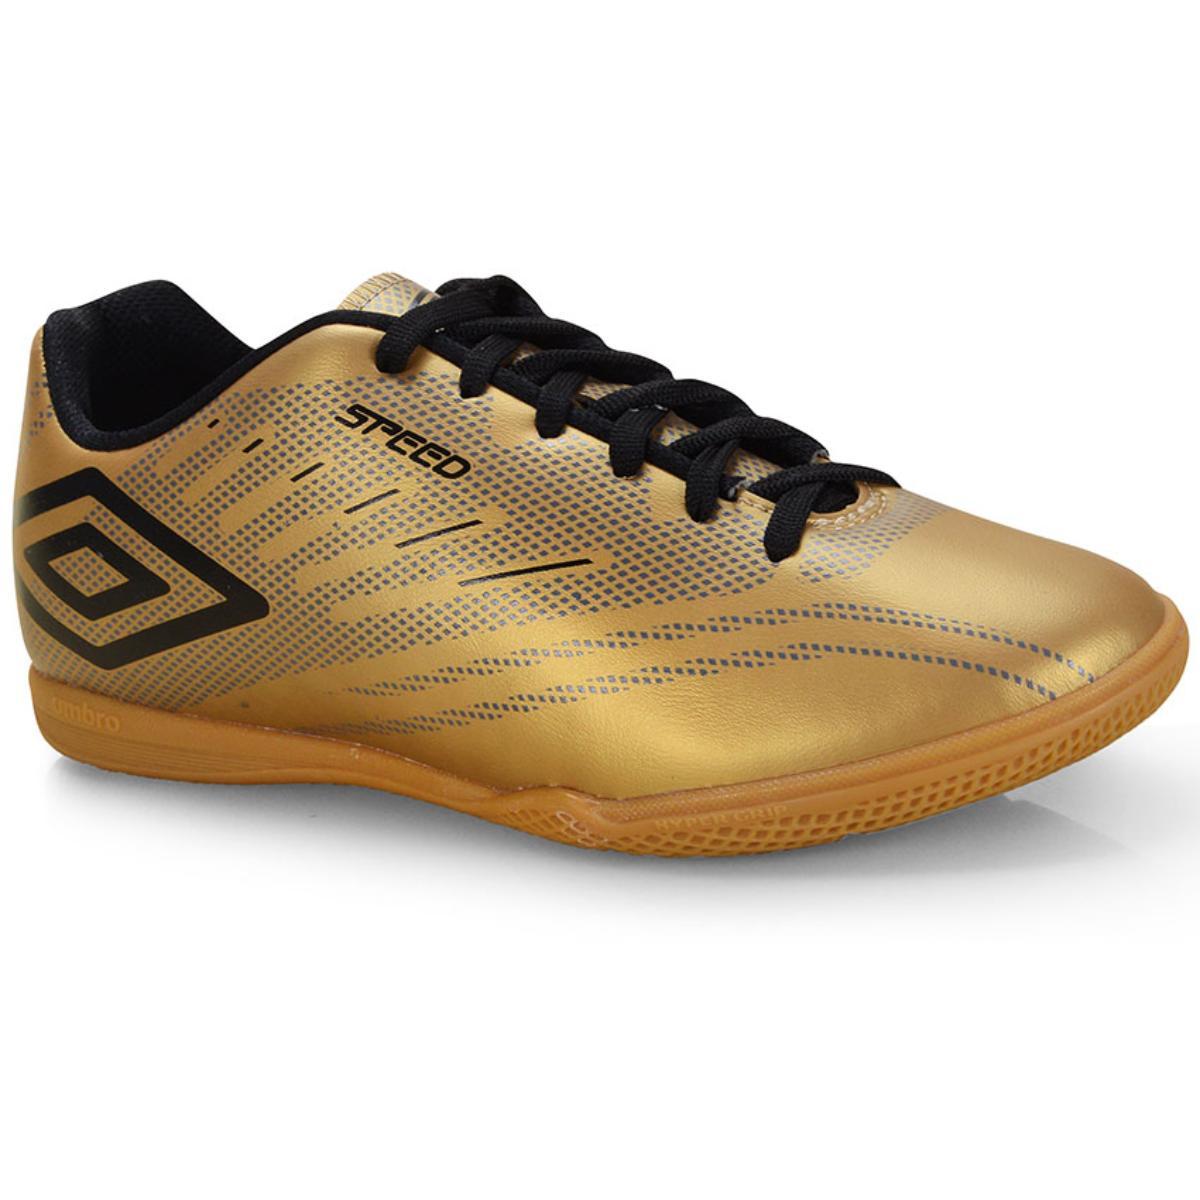 Tênis Masculino Of72112.981 Indoor Umbro Speed iv Dourado/grafite